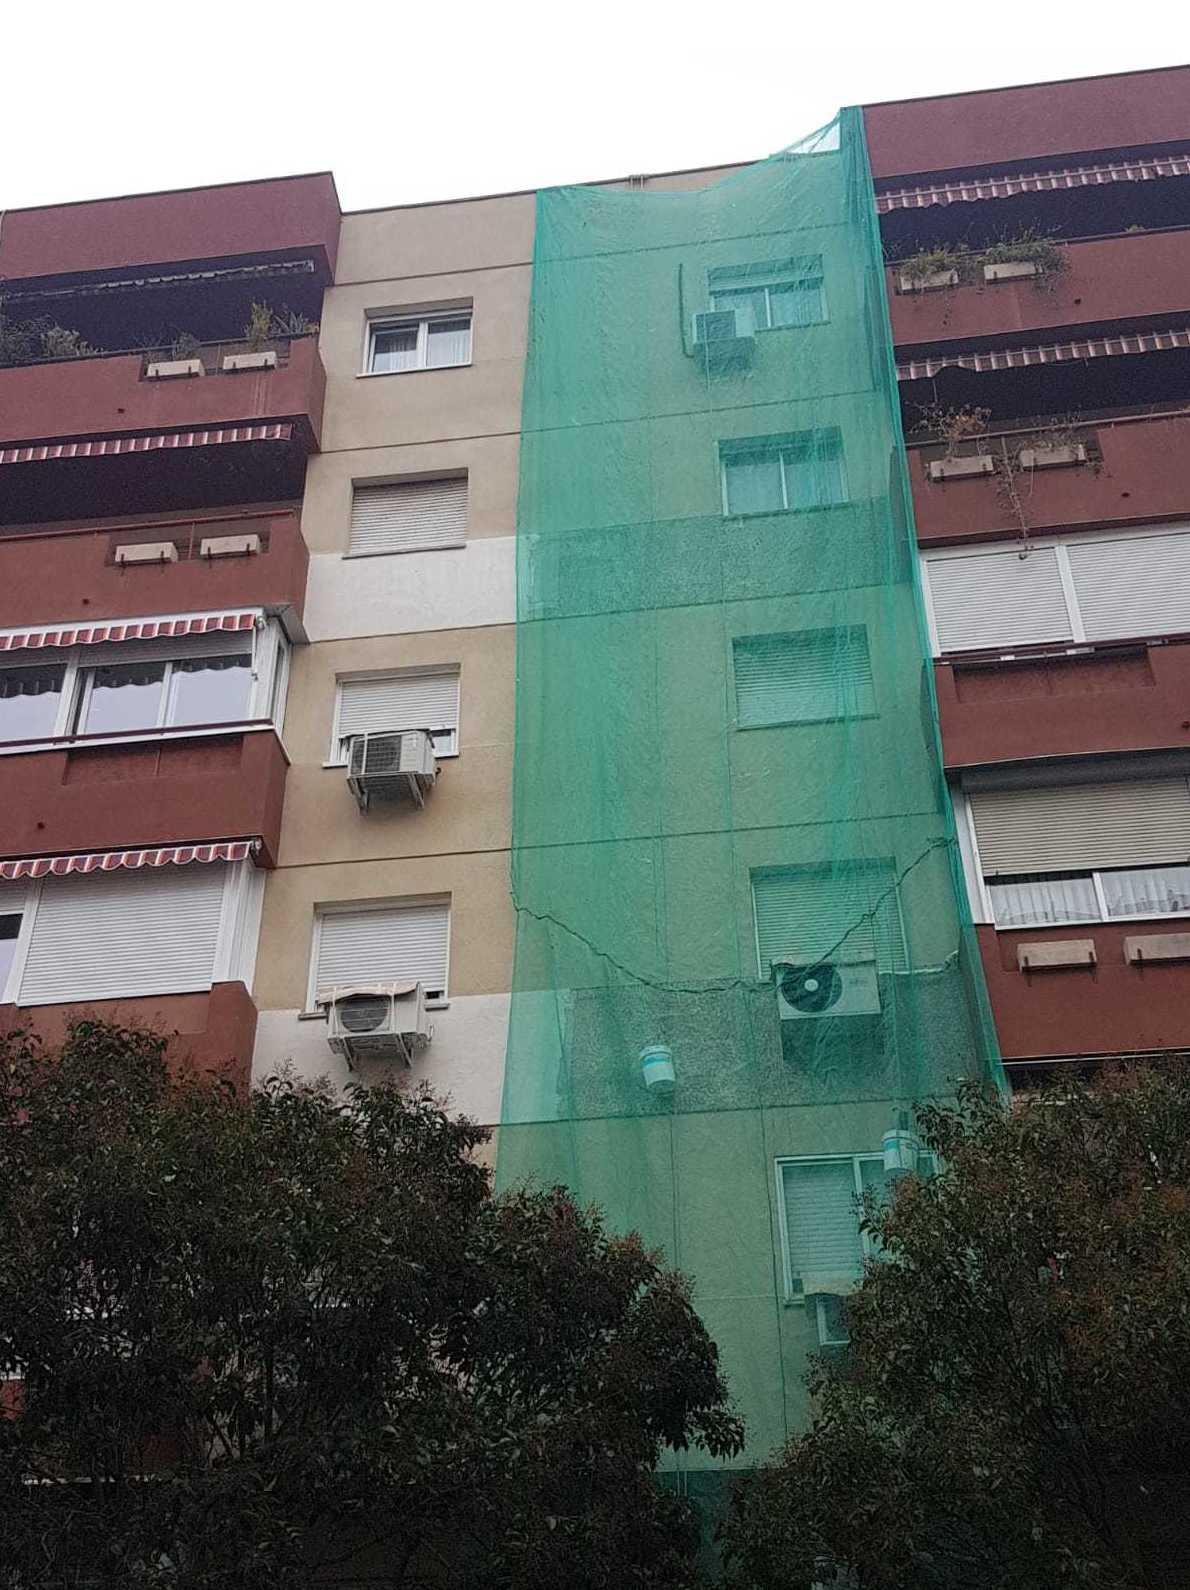 Foto 184 de Trabajos verticales en    Rehabilitaciones y Verticales Vera, S.L.